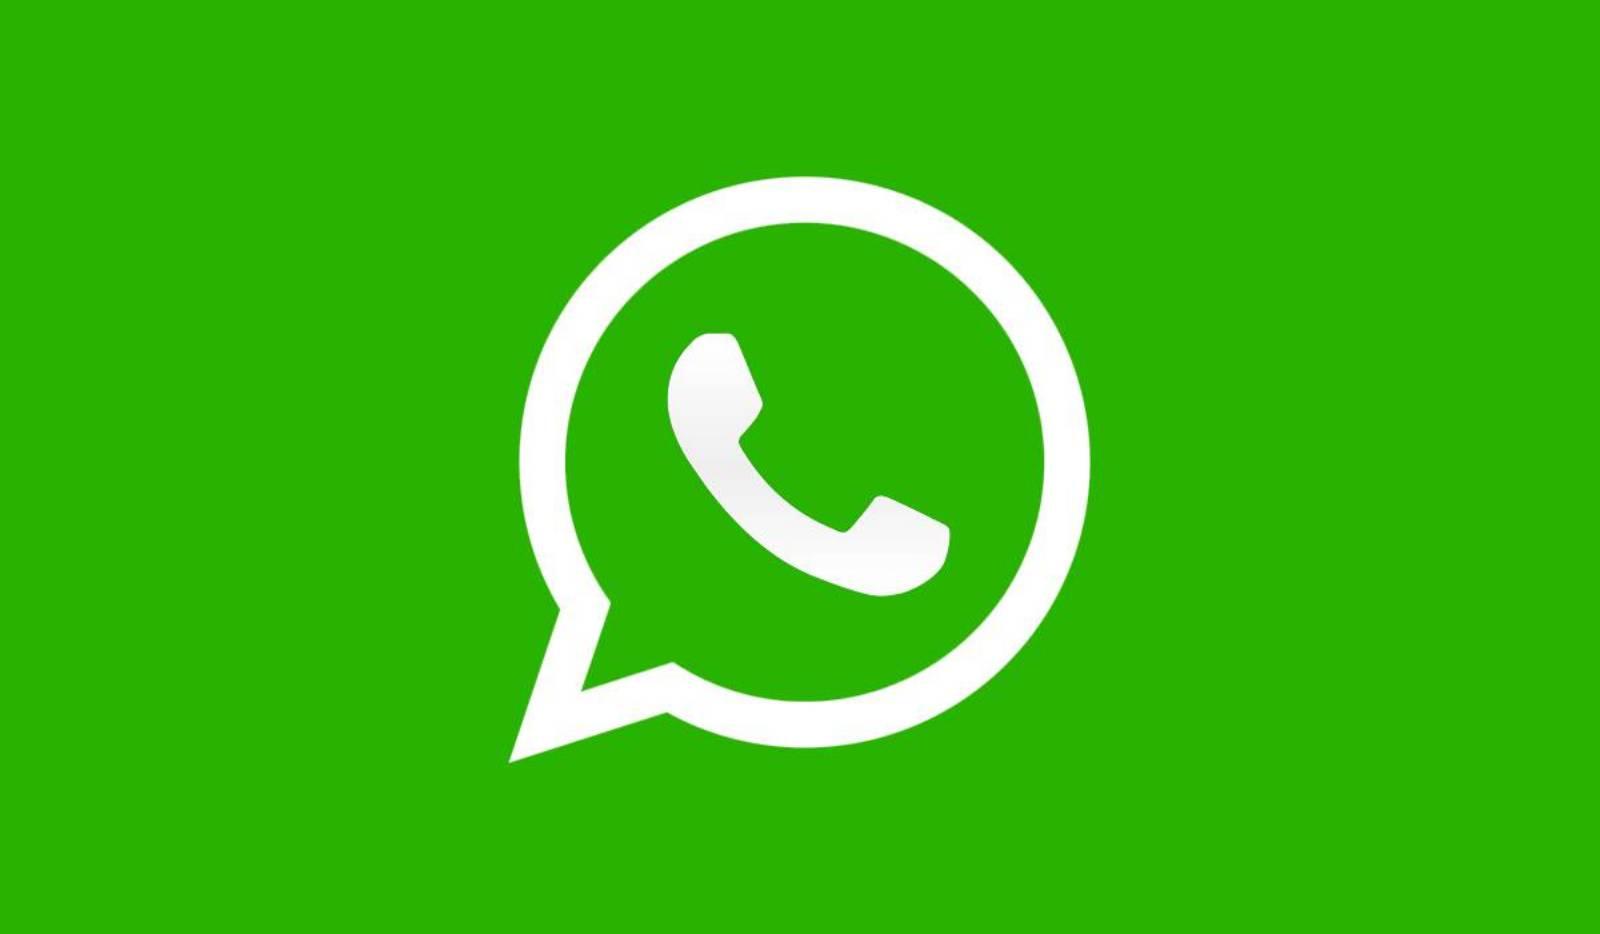 whatsapp schimbari asteptai